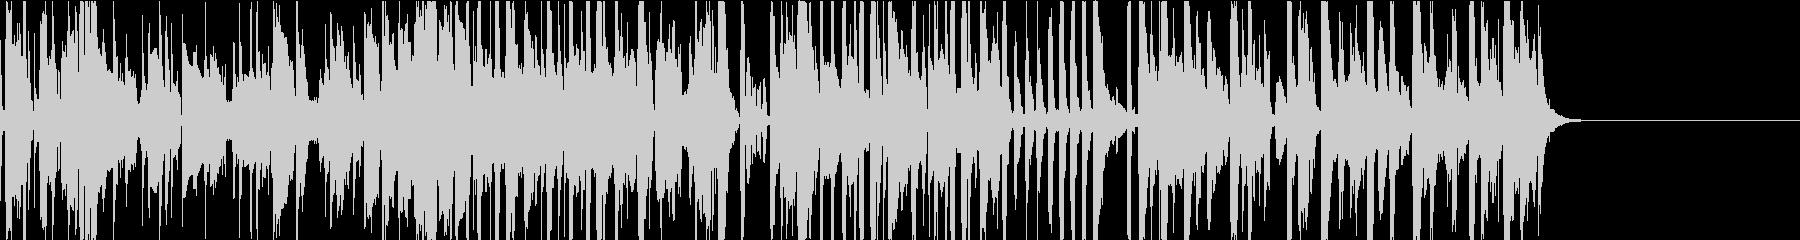 ファンク、ポップ・軽快・トランペットの未再生の波形